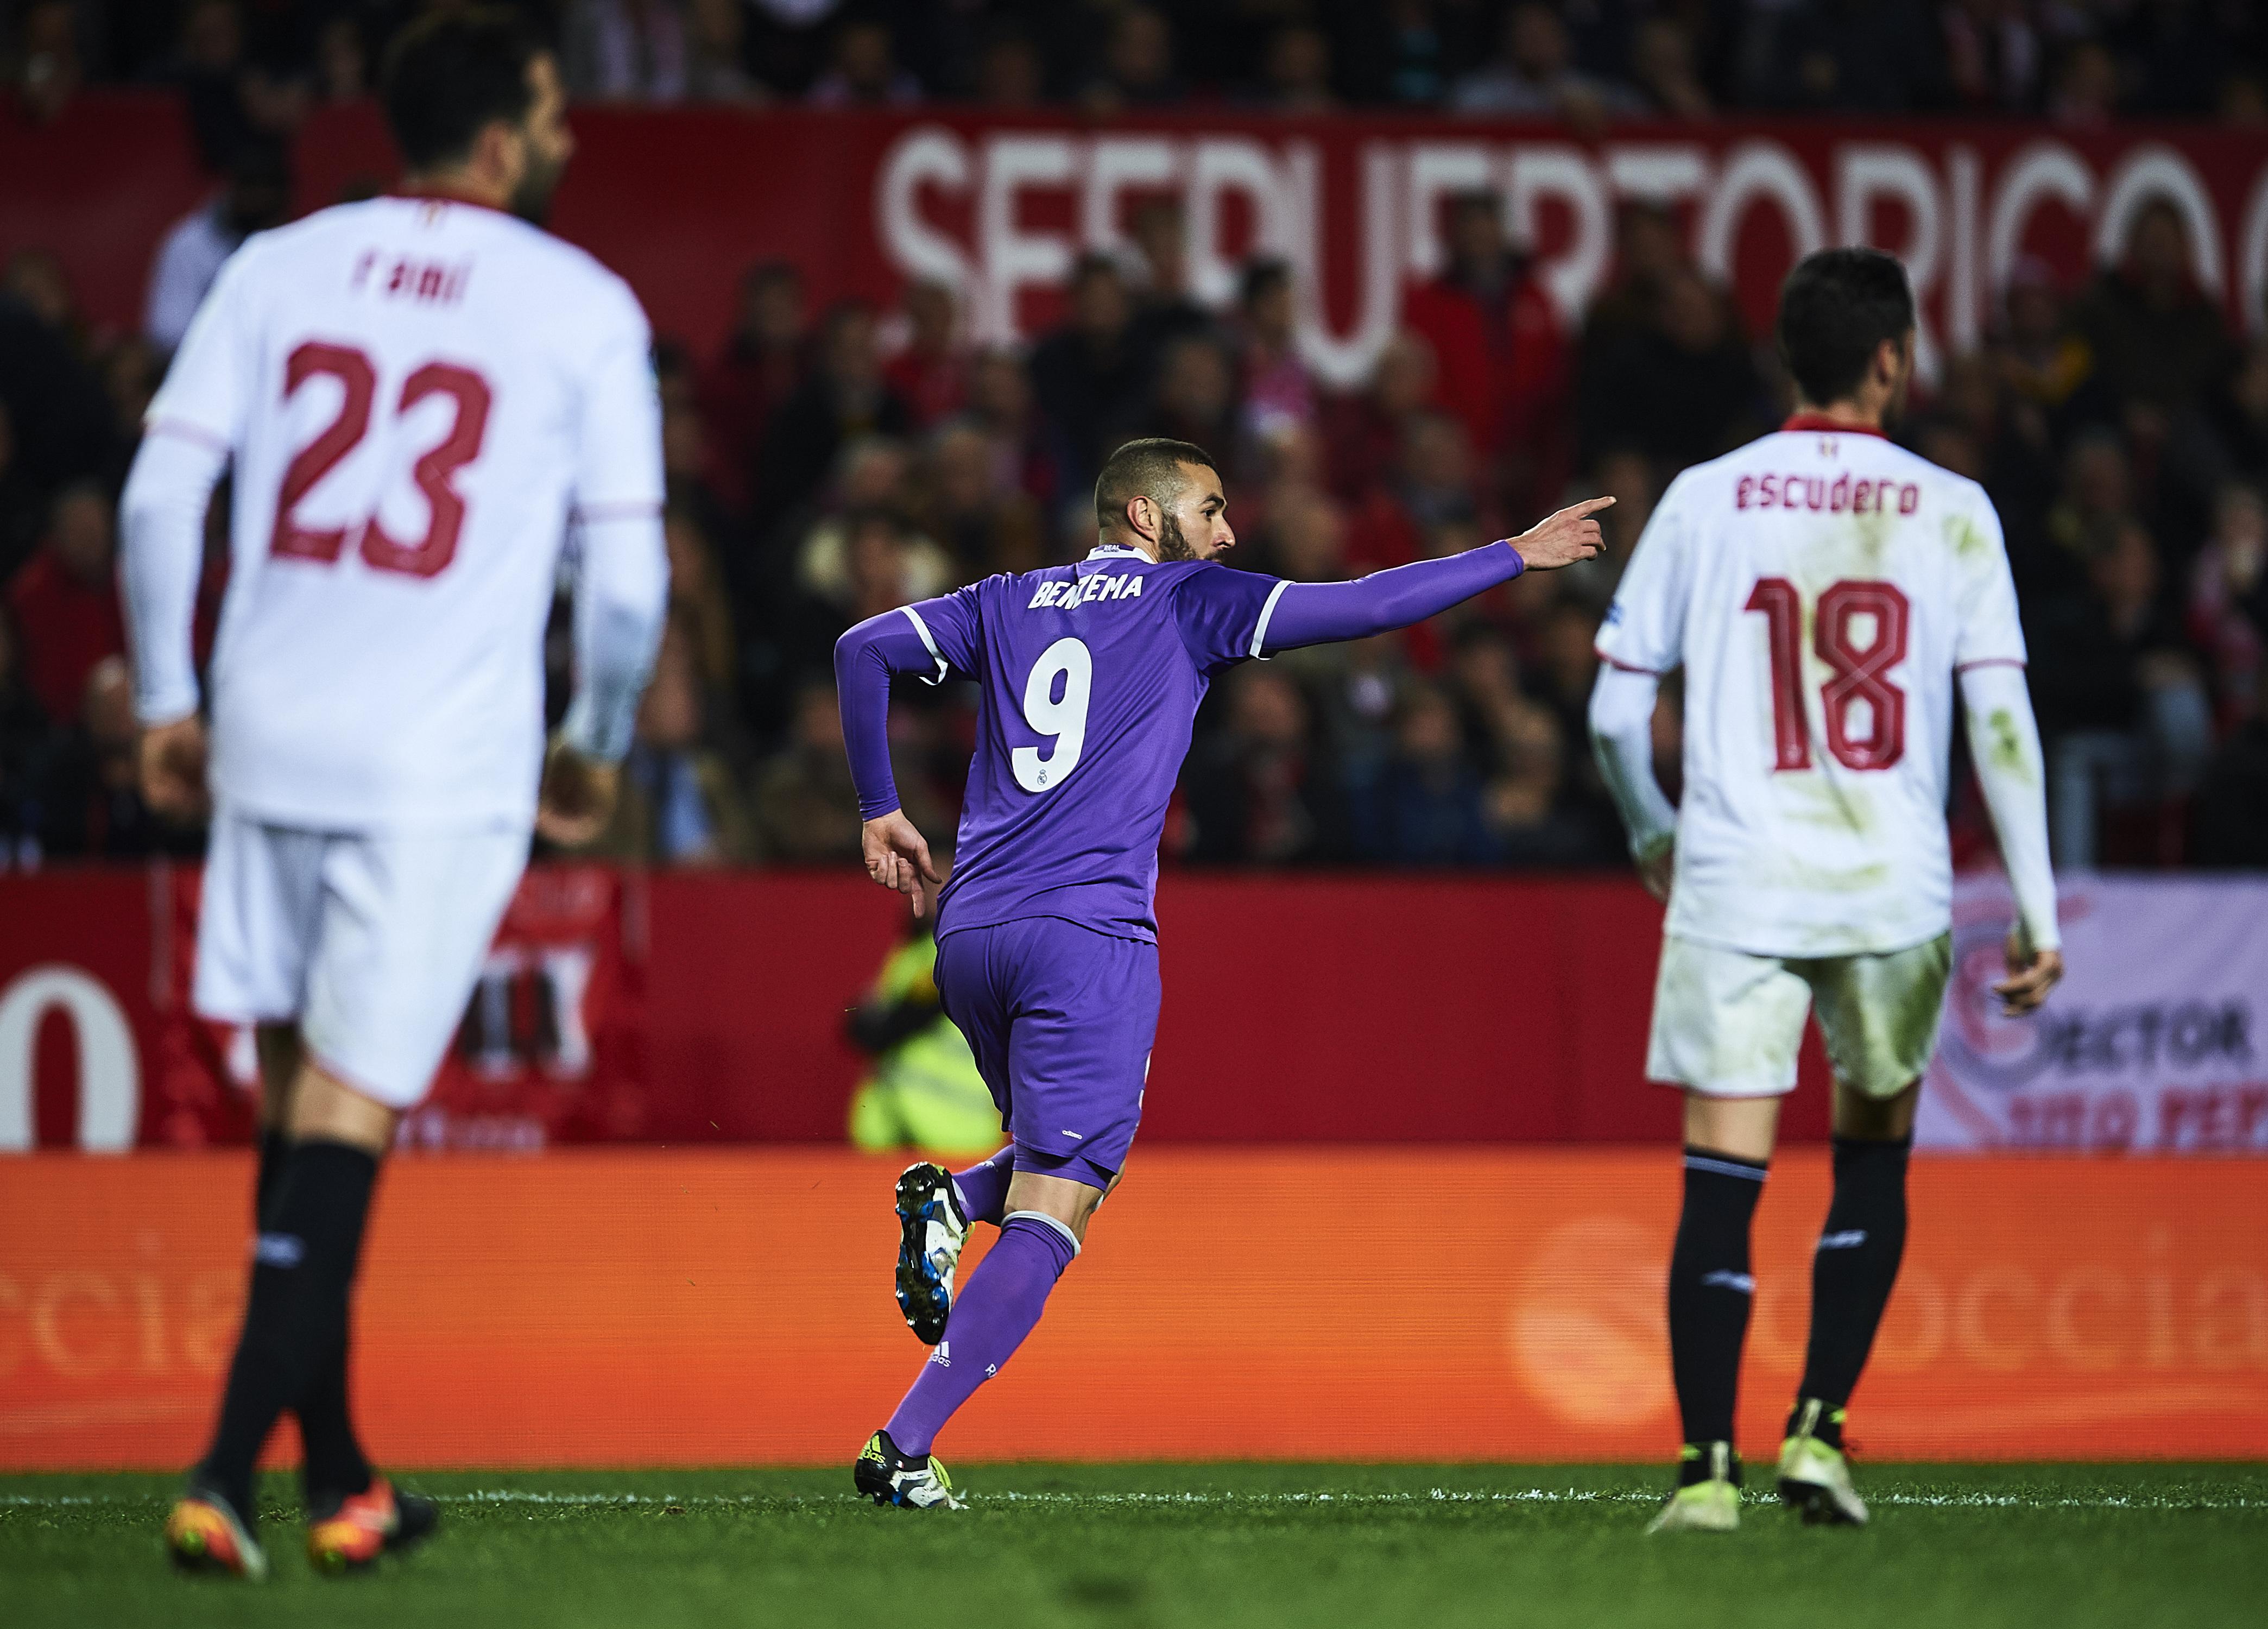 Karim Benzema, del Real Madrid, celebra tras anotar el gol del empate contra el Sevilla durante el partido de vuelta de los octavos de final de la Copa del Rey en el estadio Ramón Sánchez Pizjuán de Sevilla. (Crédito: Aitor Alcalde/Getty Images)